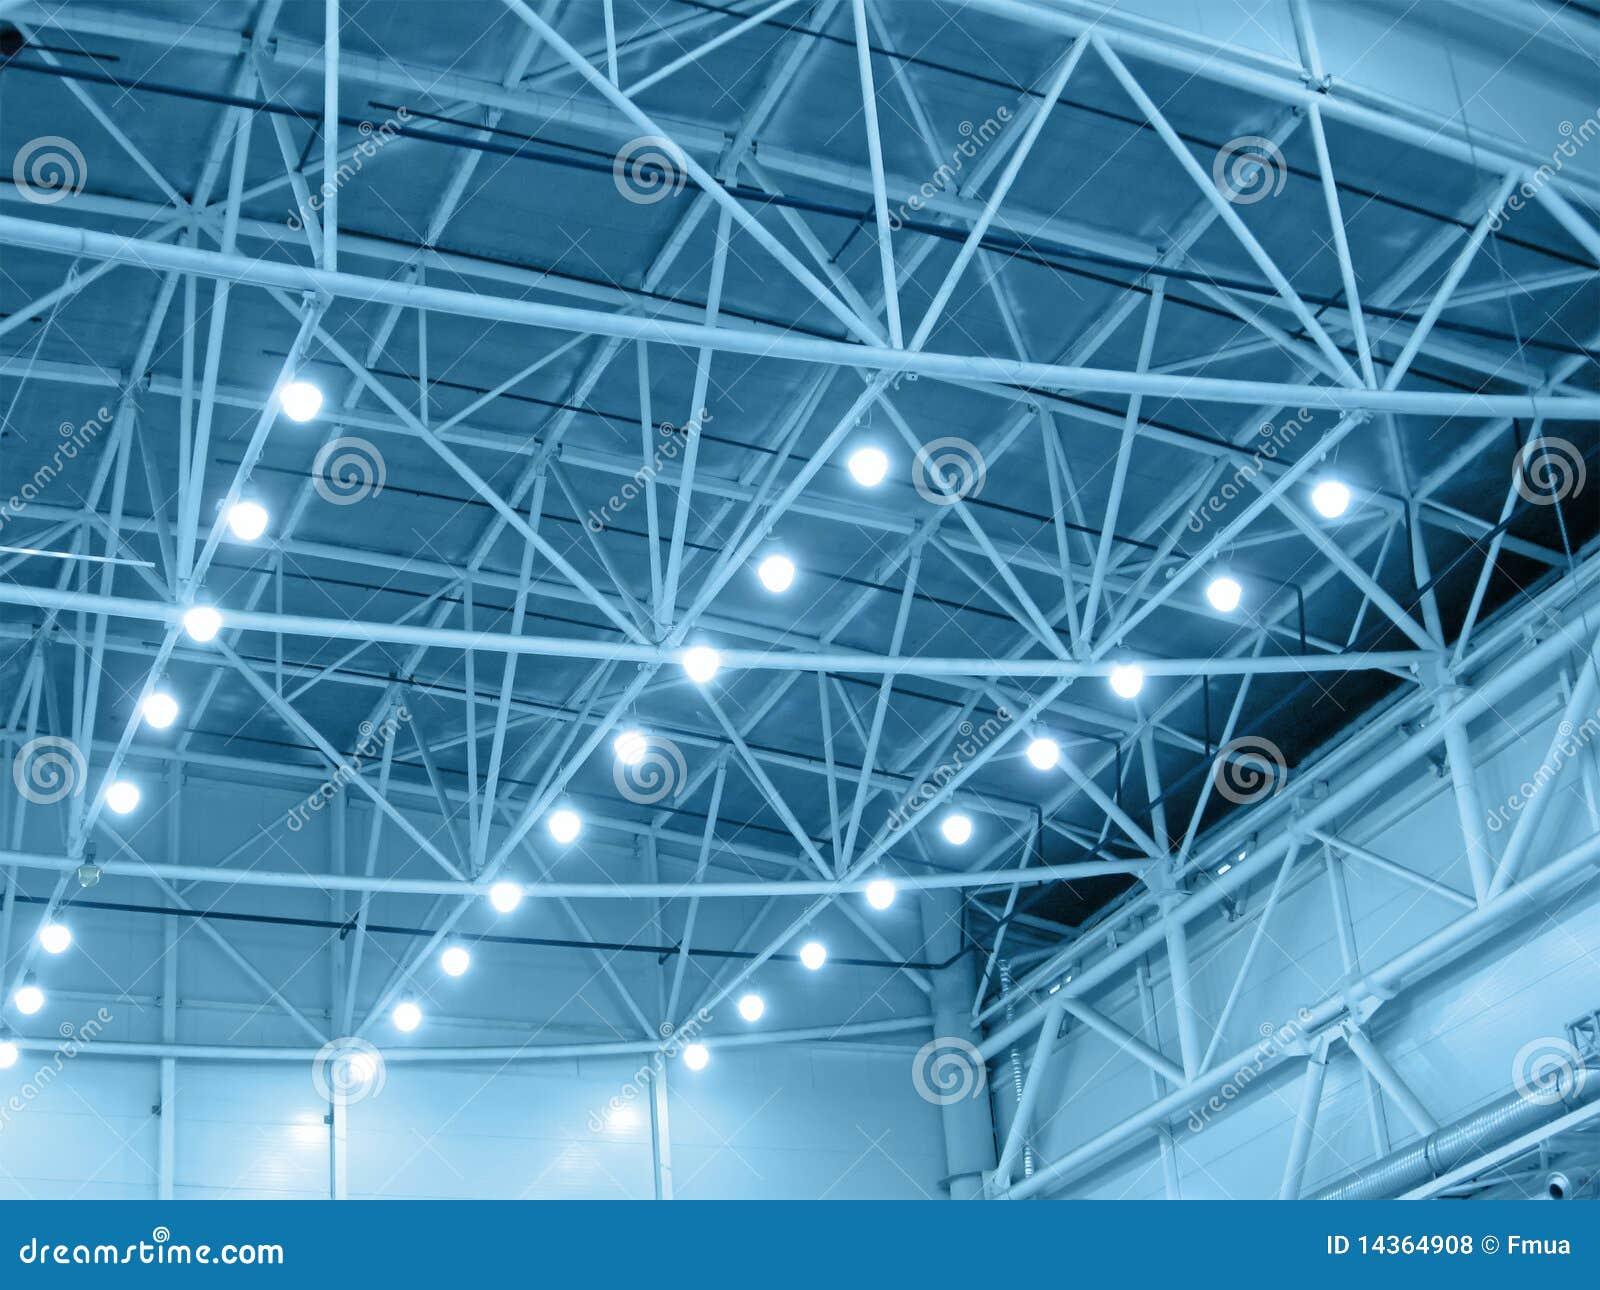 μπλε εσωτερικός φωτισμός αποθηκών εμπορευμάτων